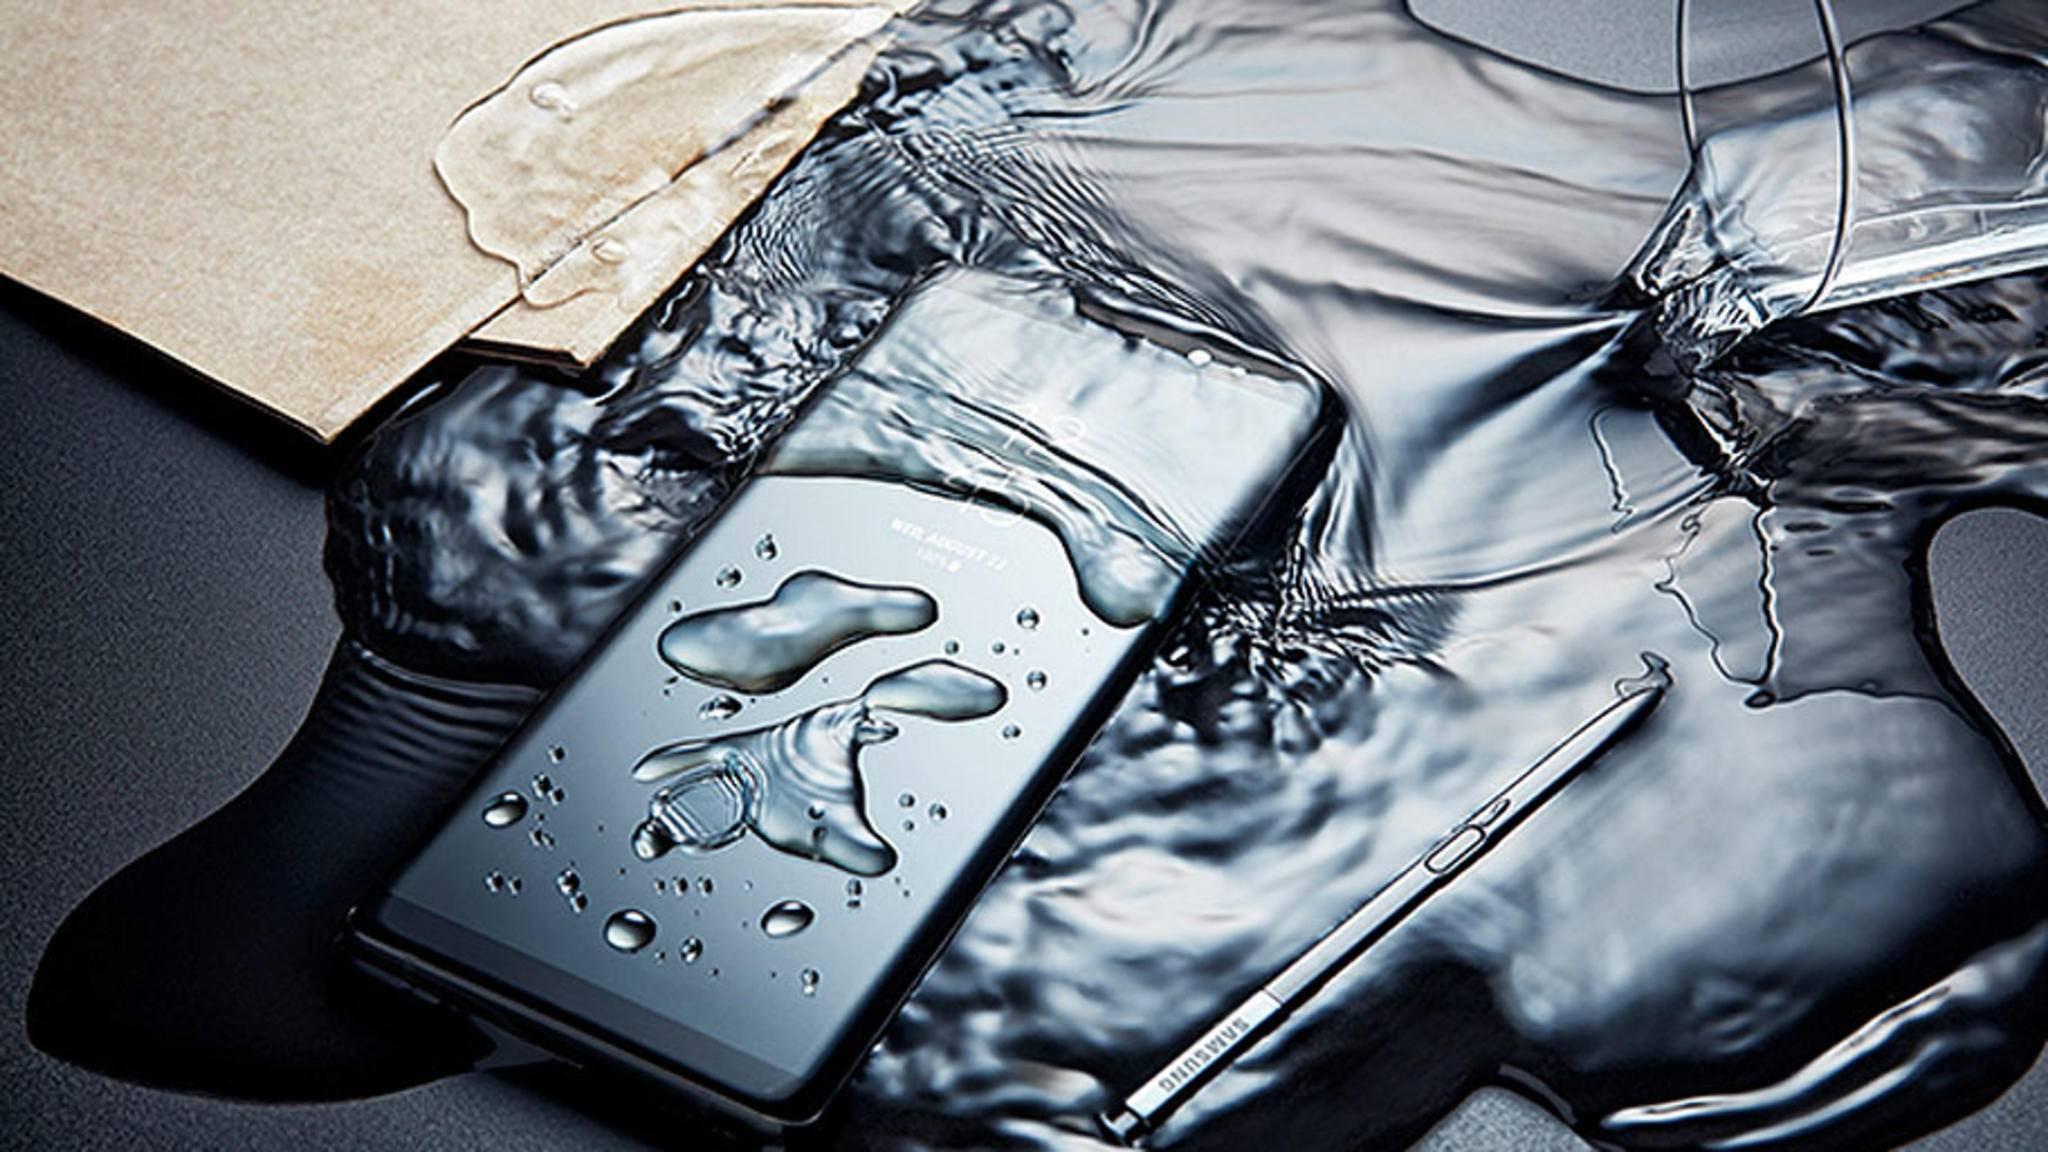 Kein Grund zur Panik: Viele Smartphones sind gegen Wasser geschützt.